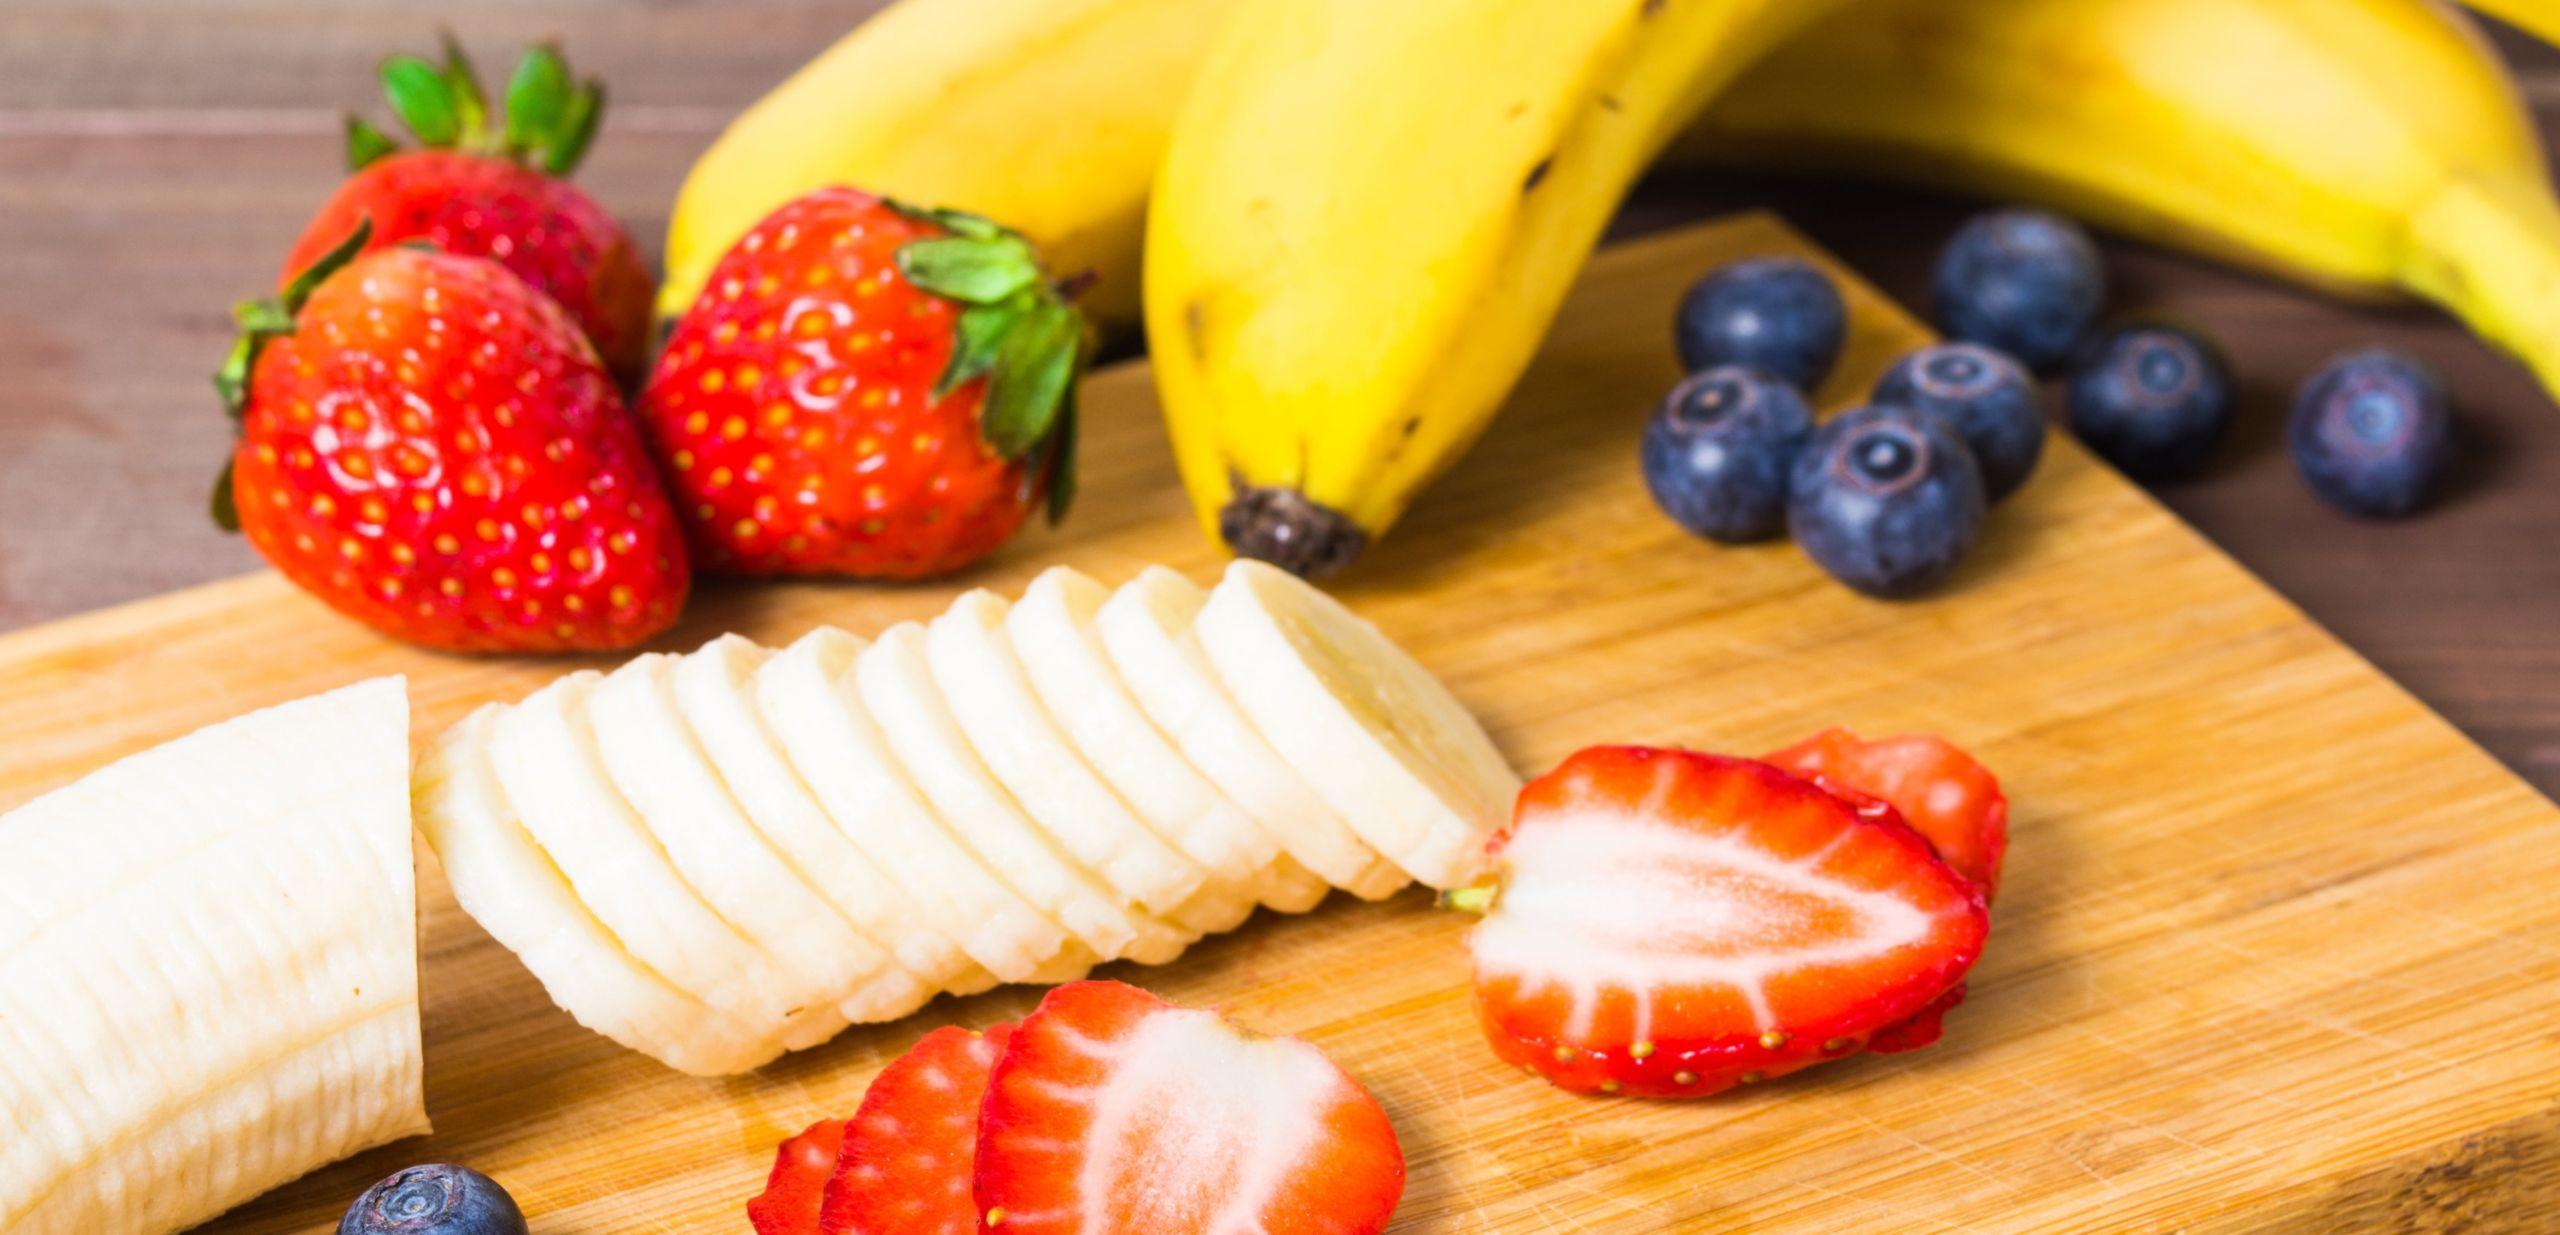 Colazione con la banana per dimagrire